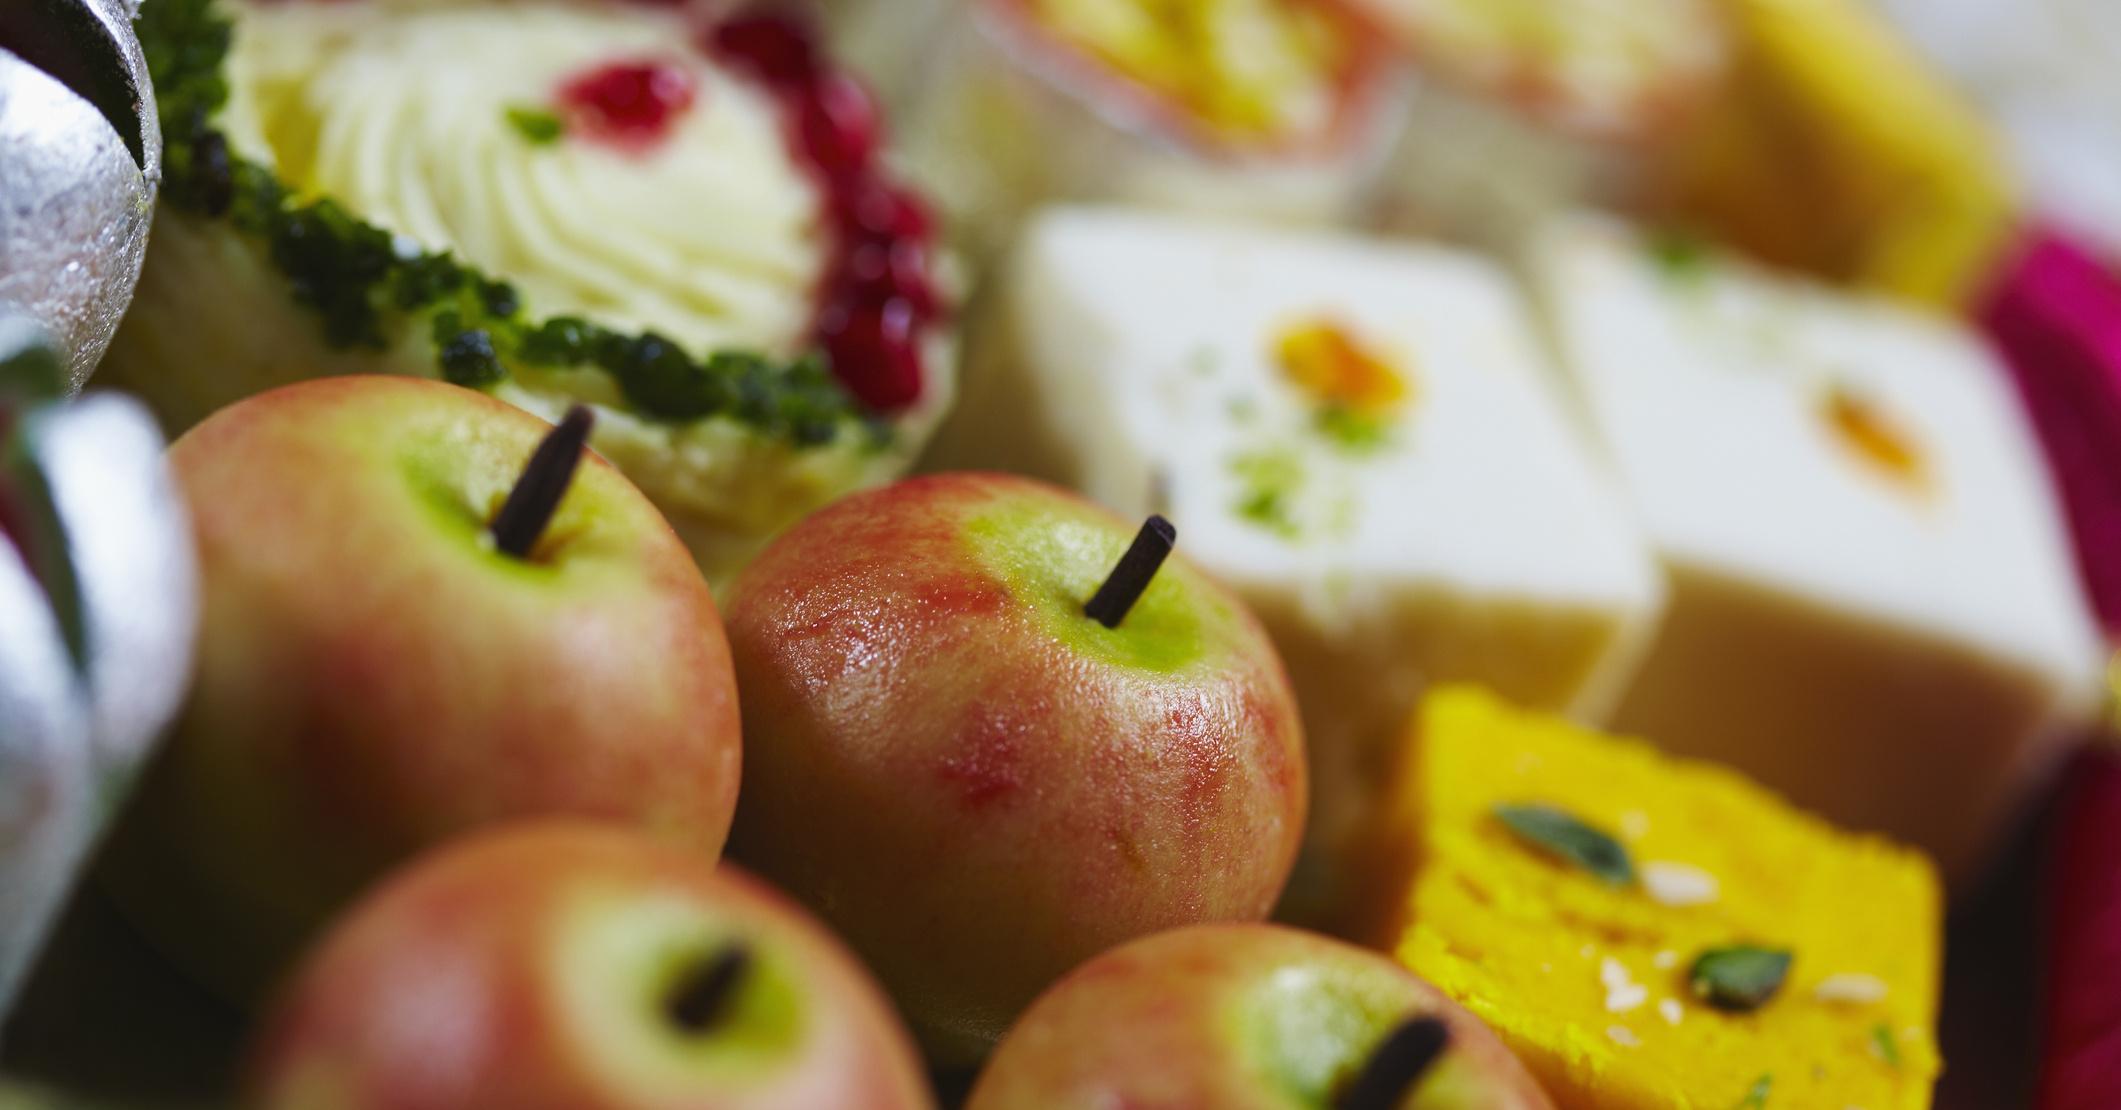 Белевская пастила из яблок в домашних условиях - Рецепты 16